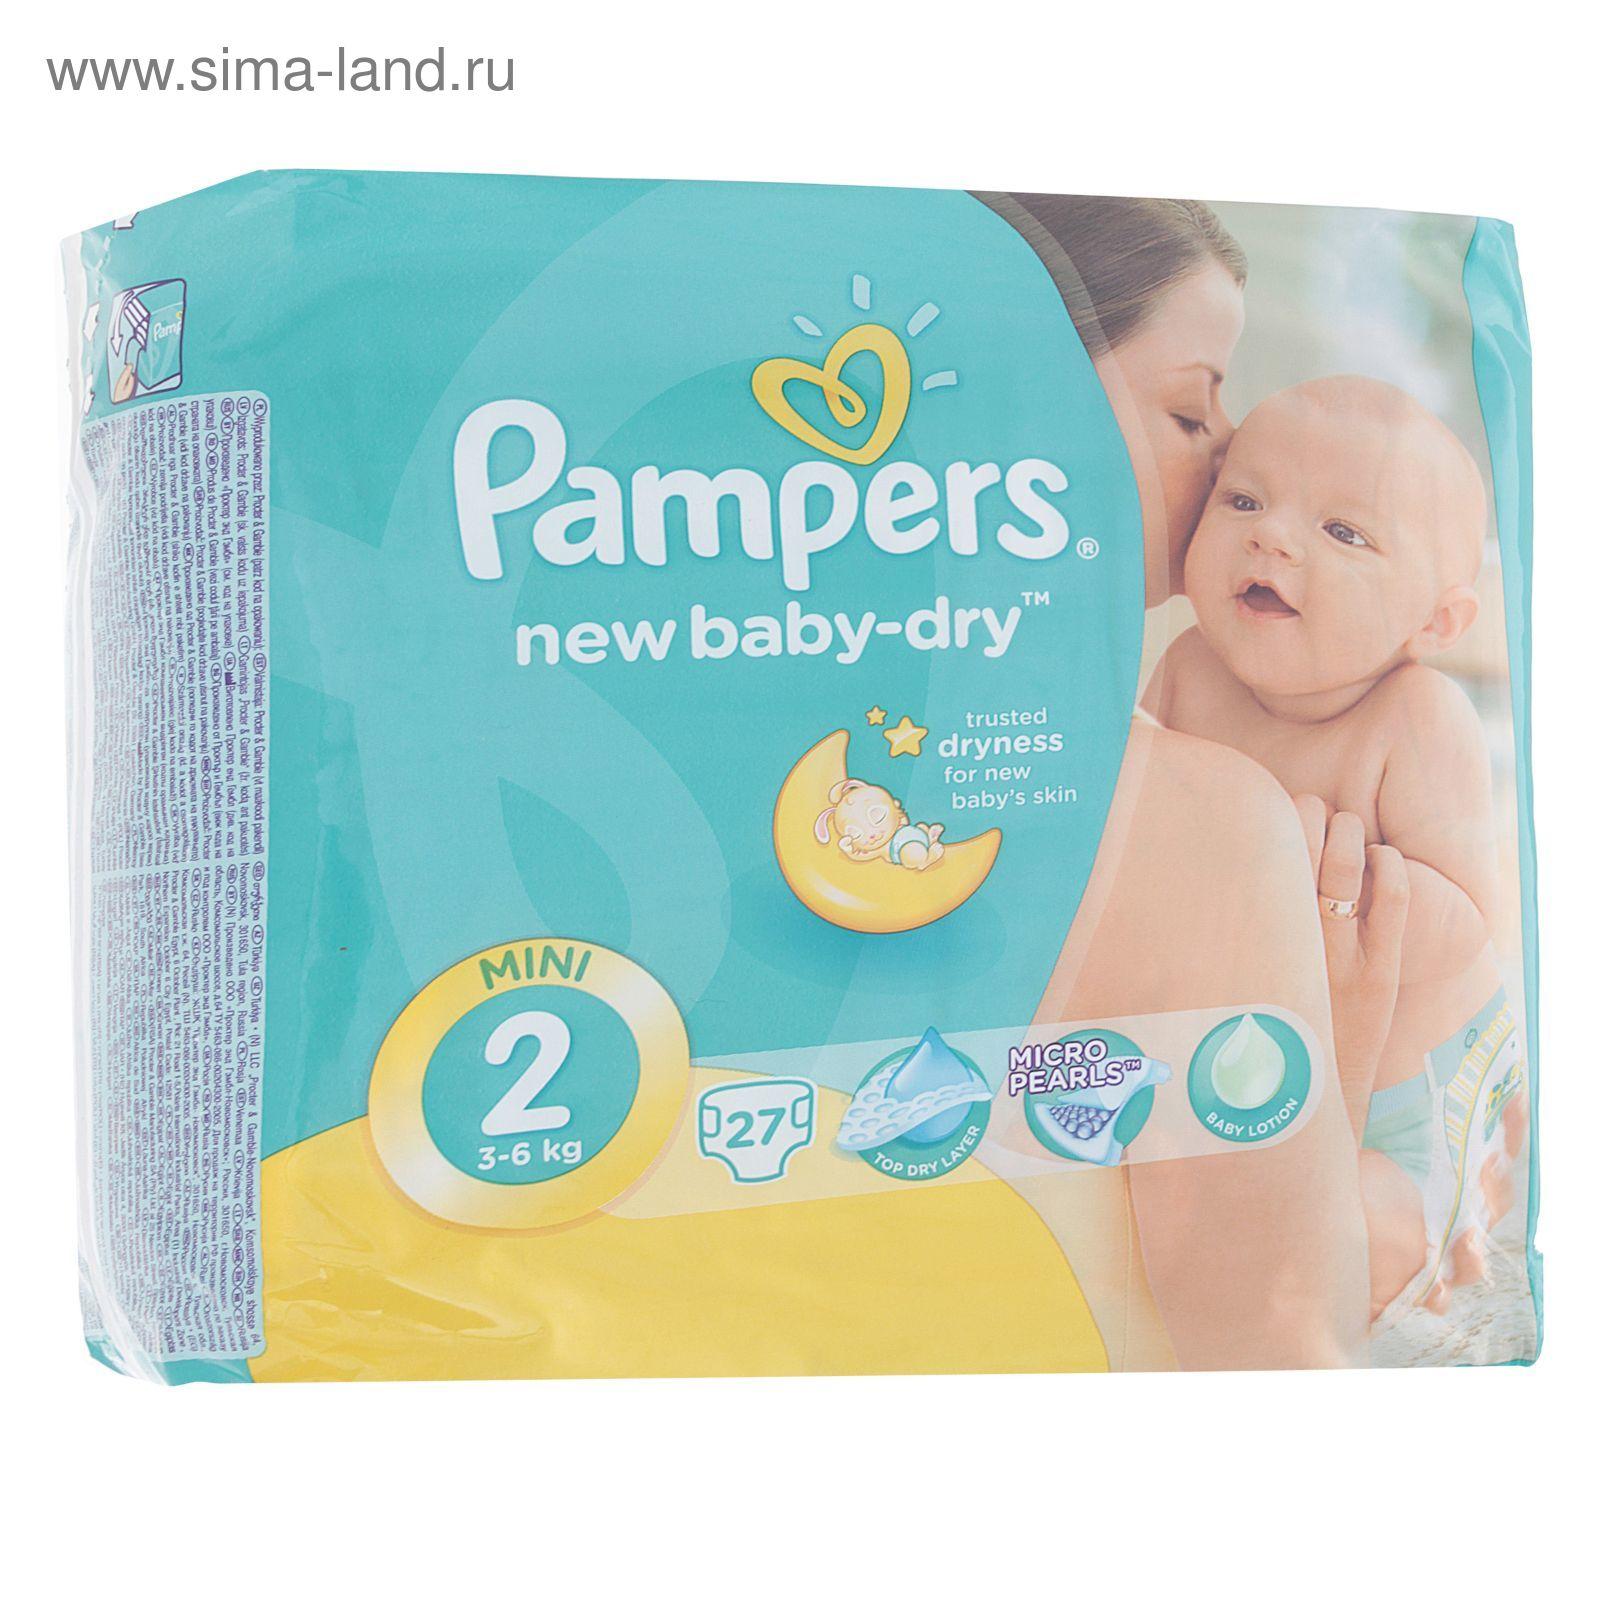 Подгузники «Pampers» New Baby-dry, Mini, 3-6 кг, 27 шт уп (1156448 ... 3f2262aa491